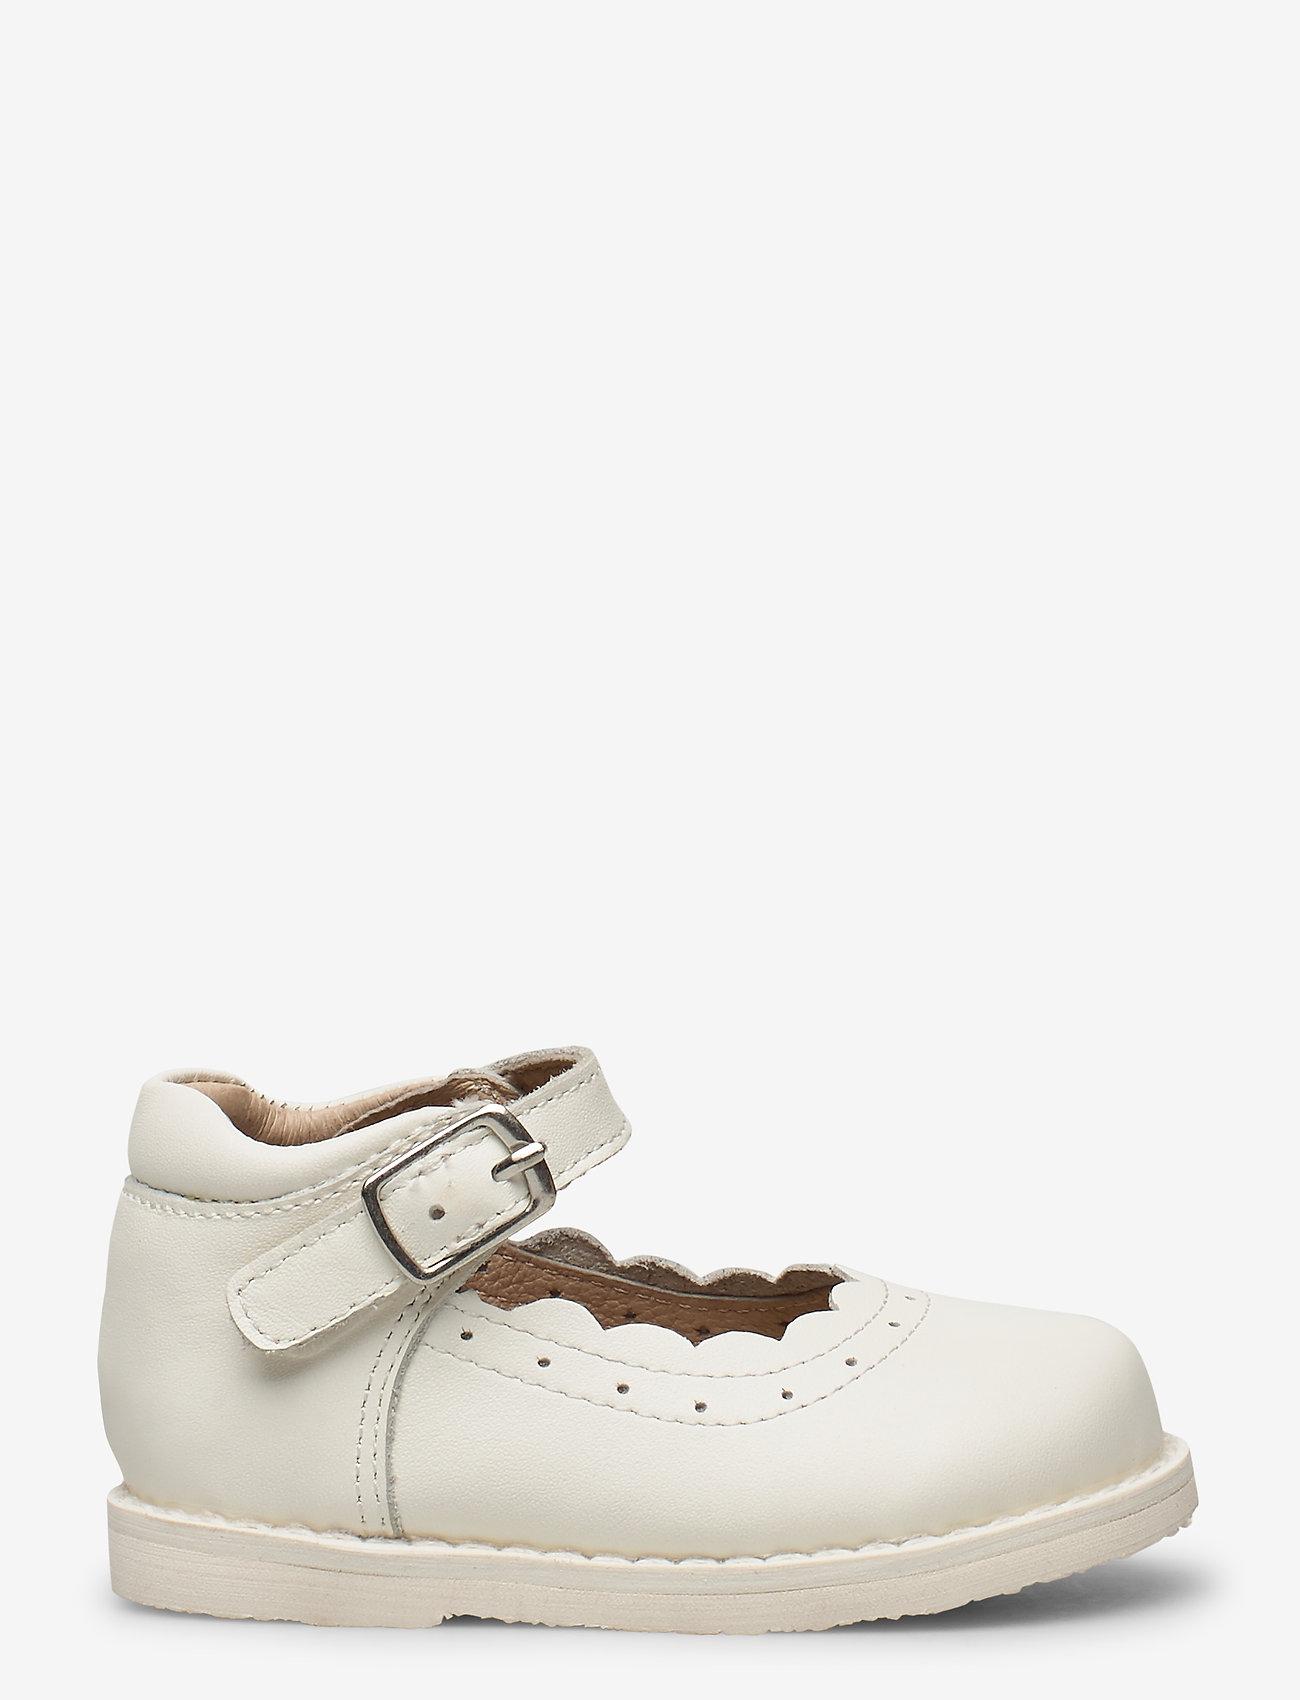 PAX - BELL - ballerinas & slip ons - white